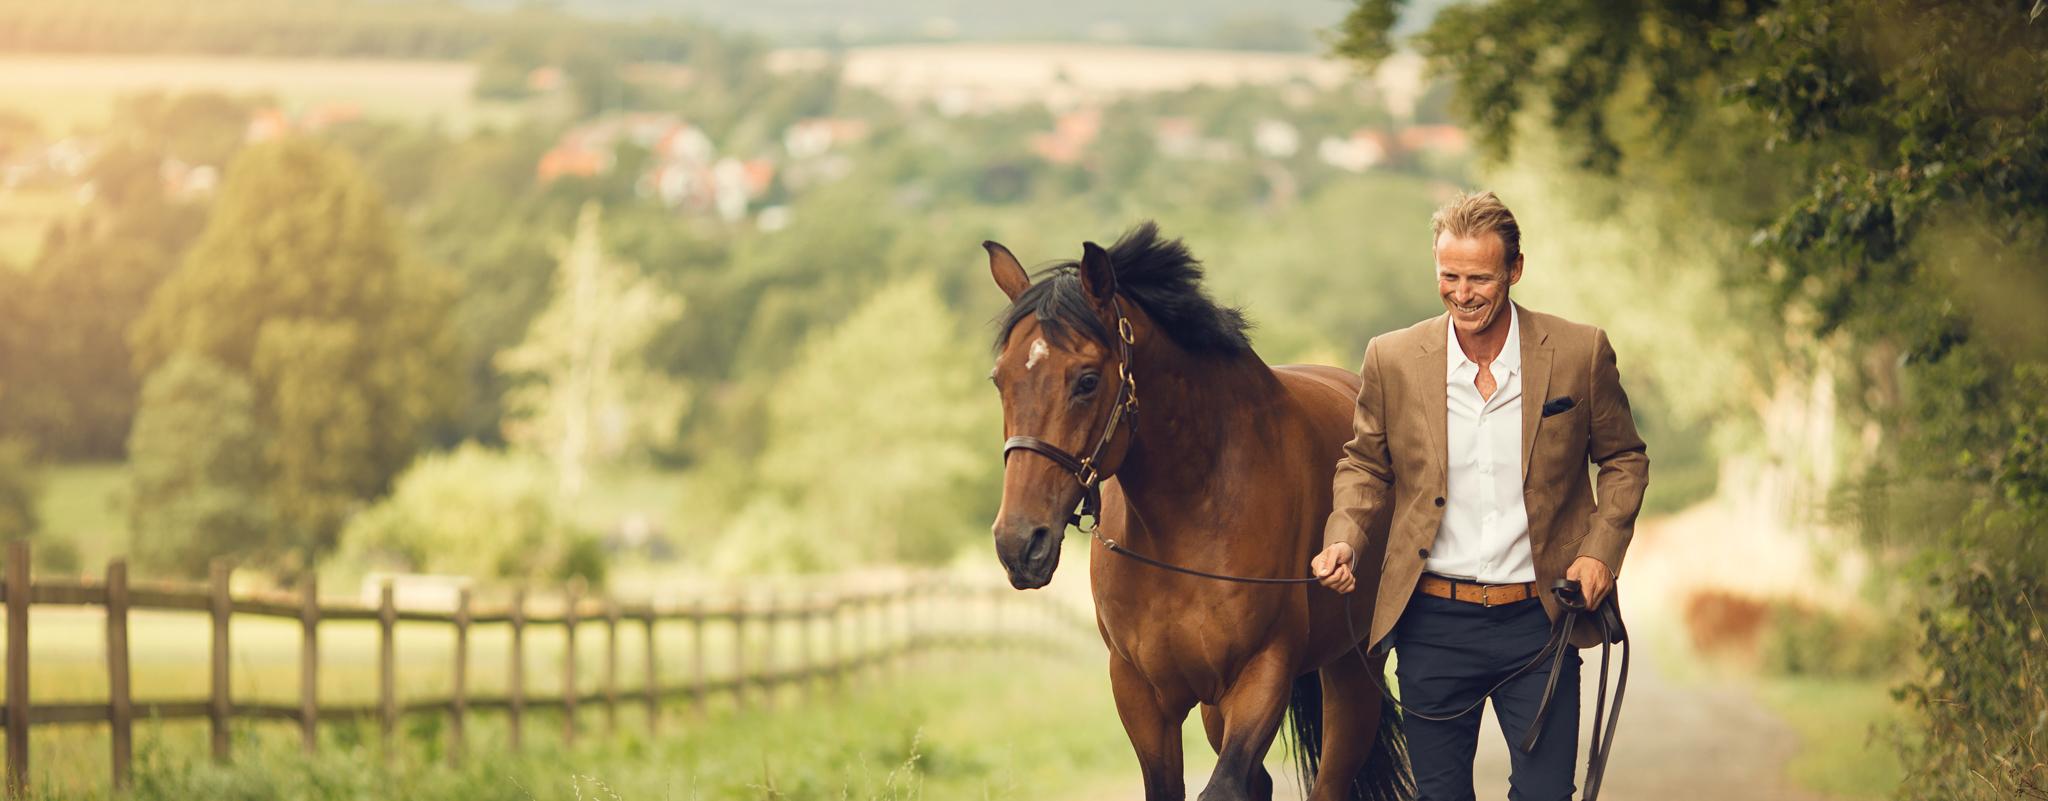 Peder och en häst fotograferas med landskapet som bakgrund